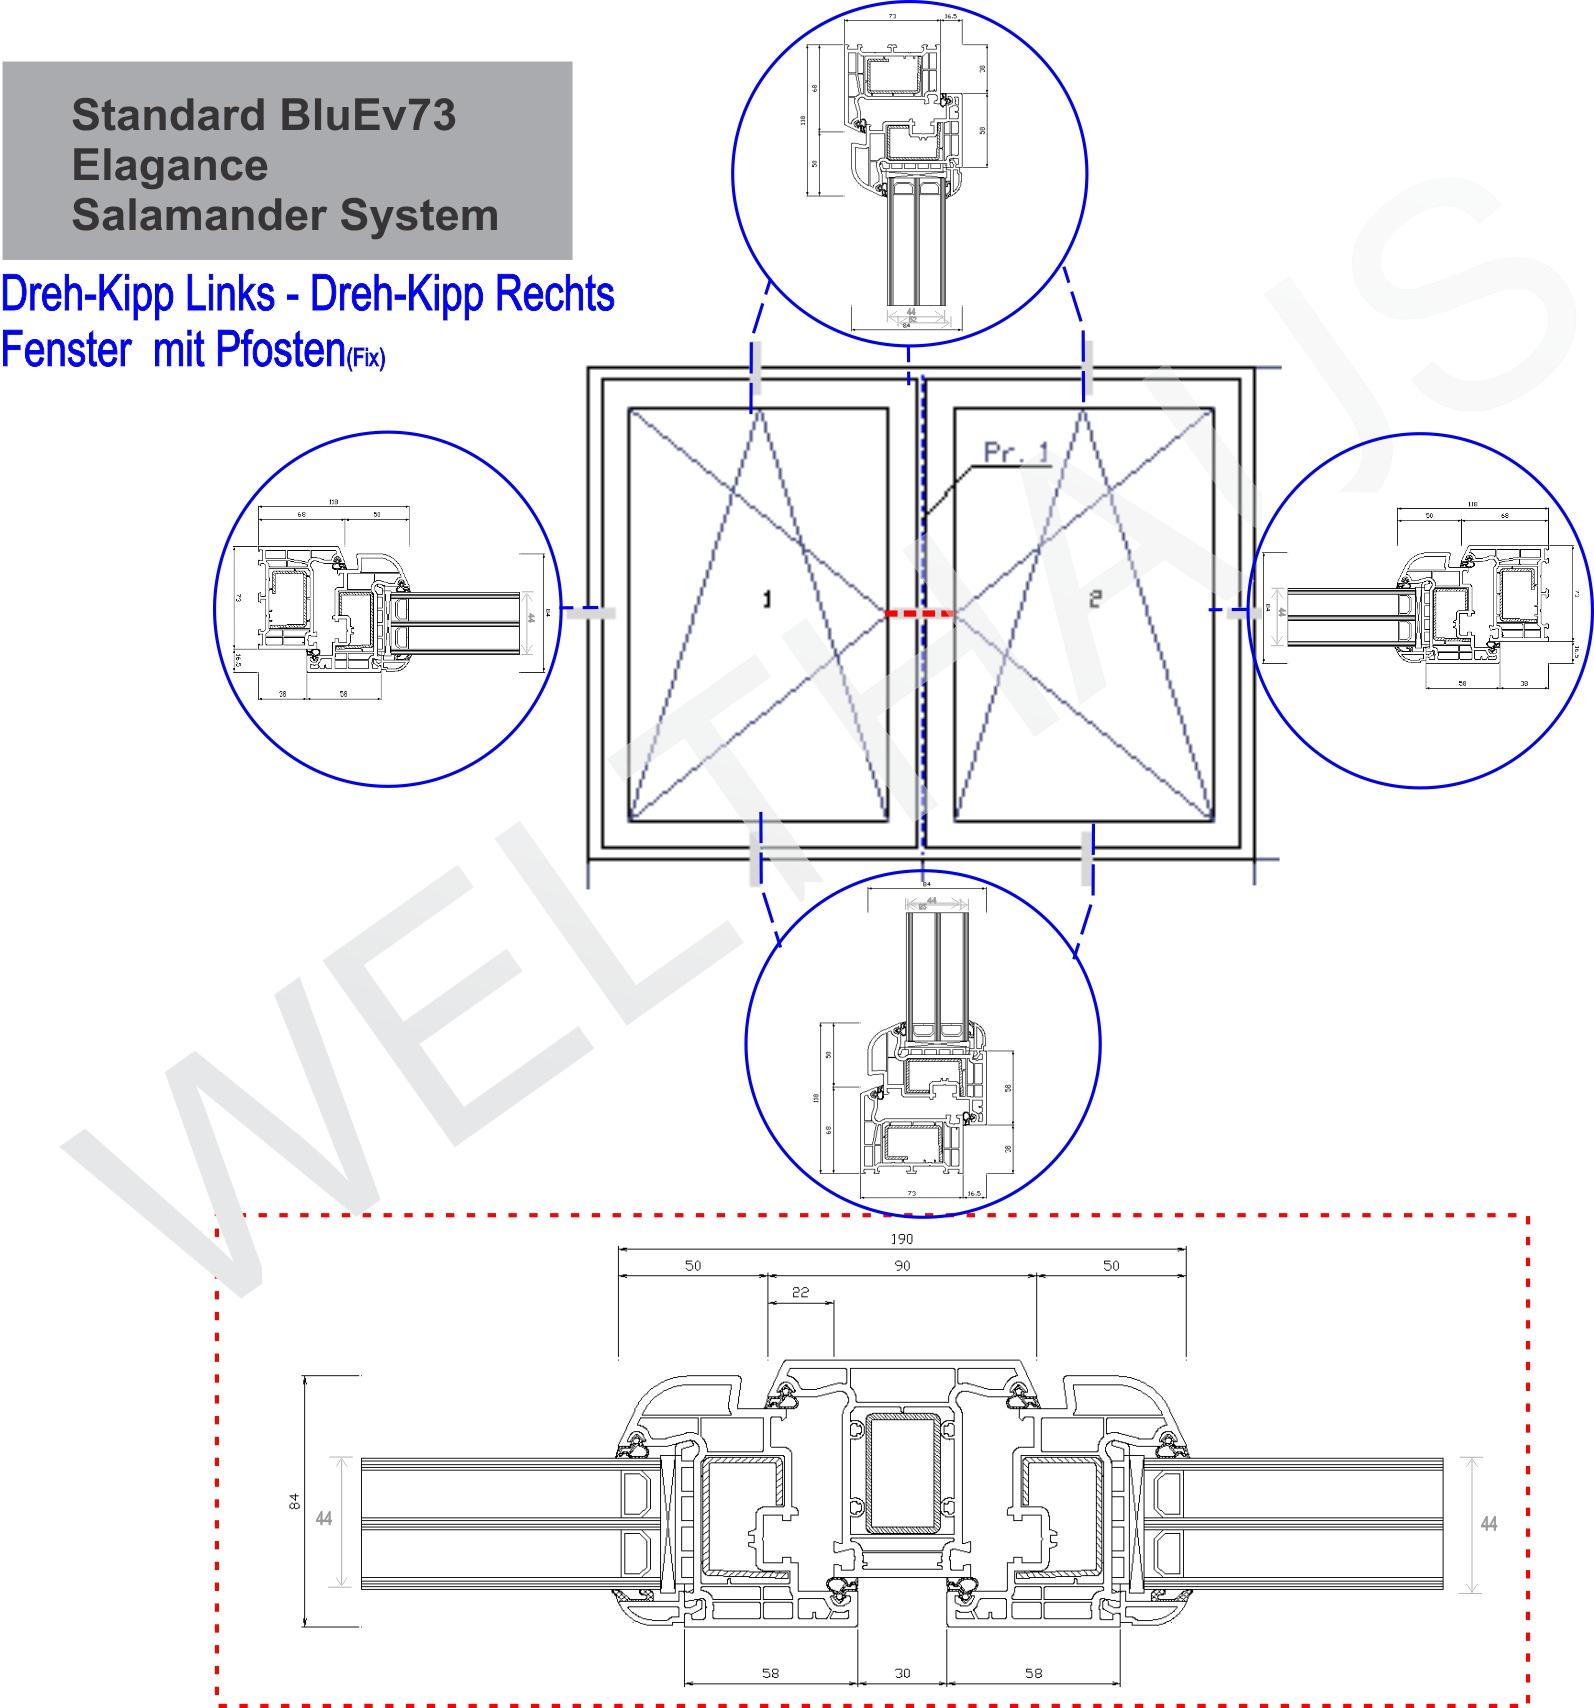 Full Size of Rc 2 Fenster Anforderungen Preis Kosten Beschlag Definition Rc2 Fenstergriff Ausstattung Test Fenstergitter Montage Welthaus Mit Lüftung Bett Weiß 180x200 Fenster Rc 2 Fenster